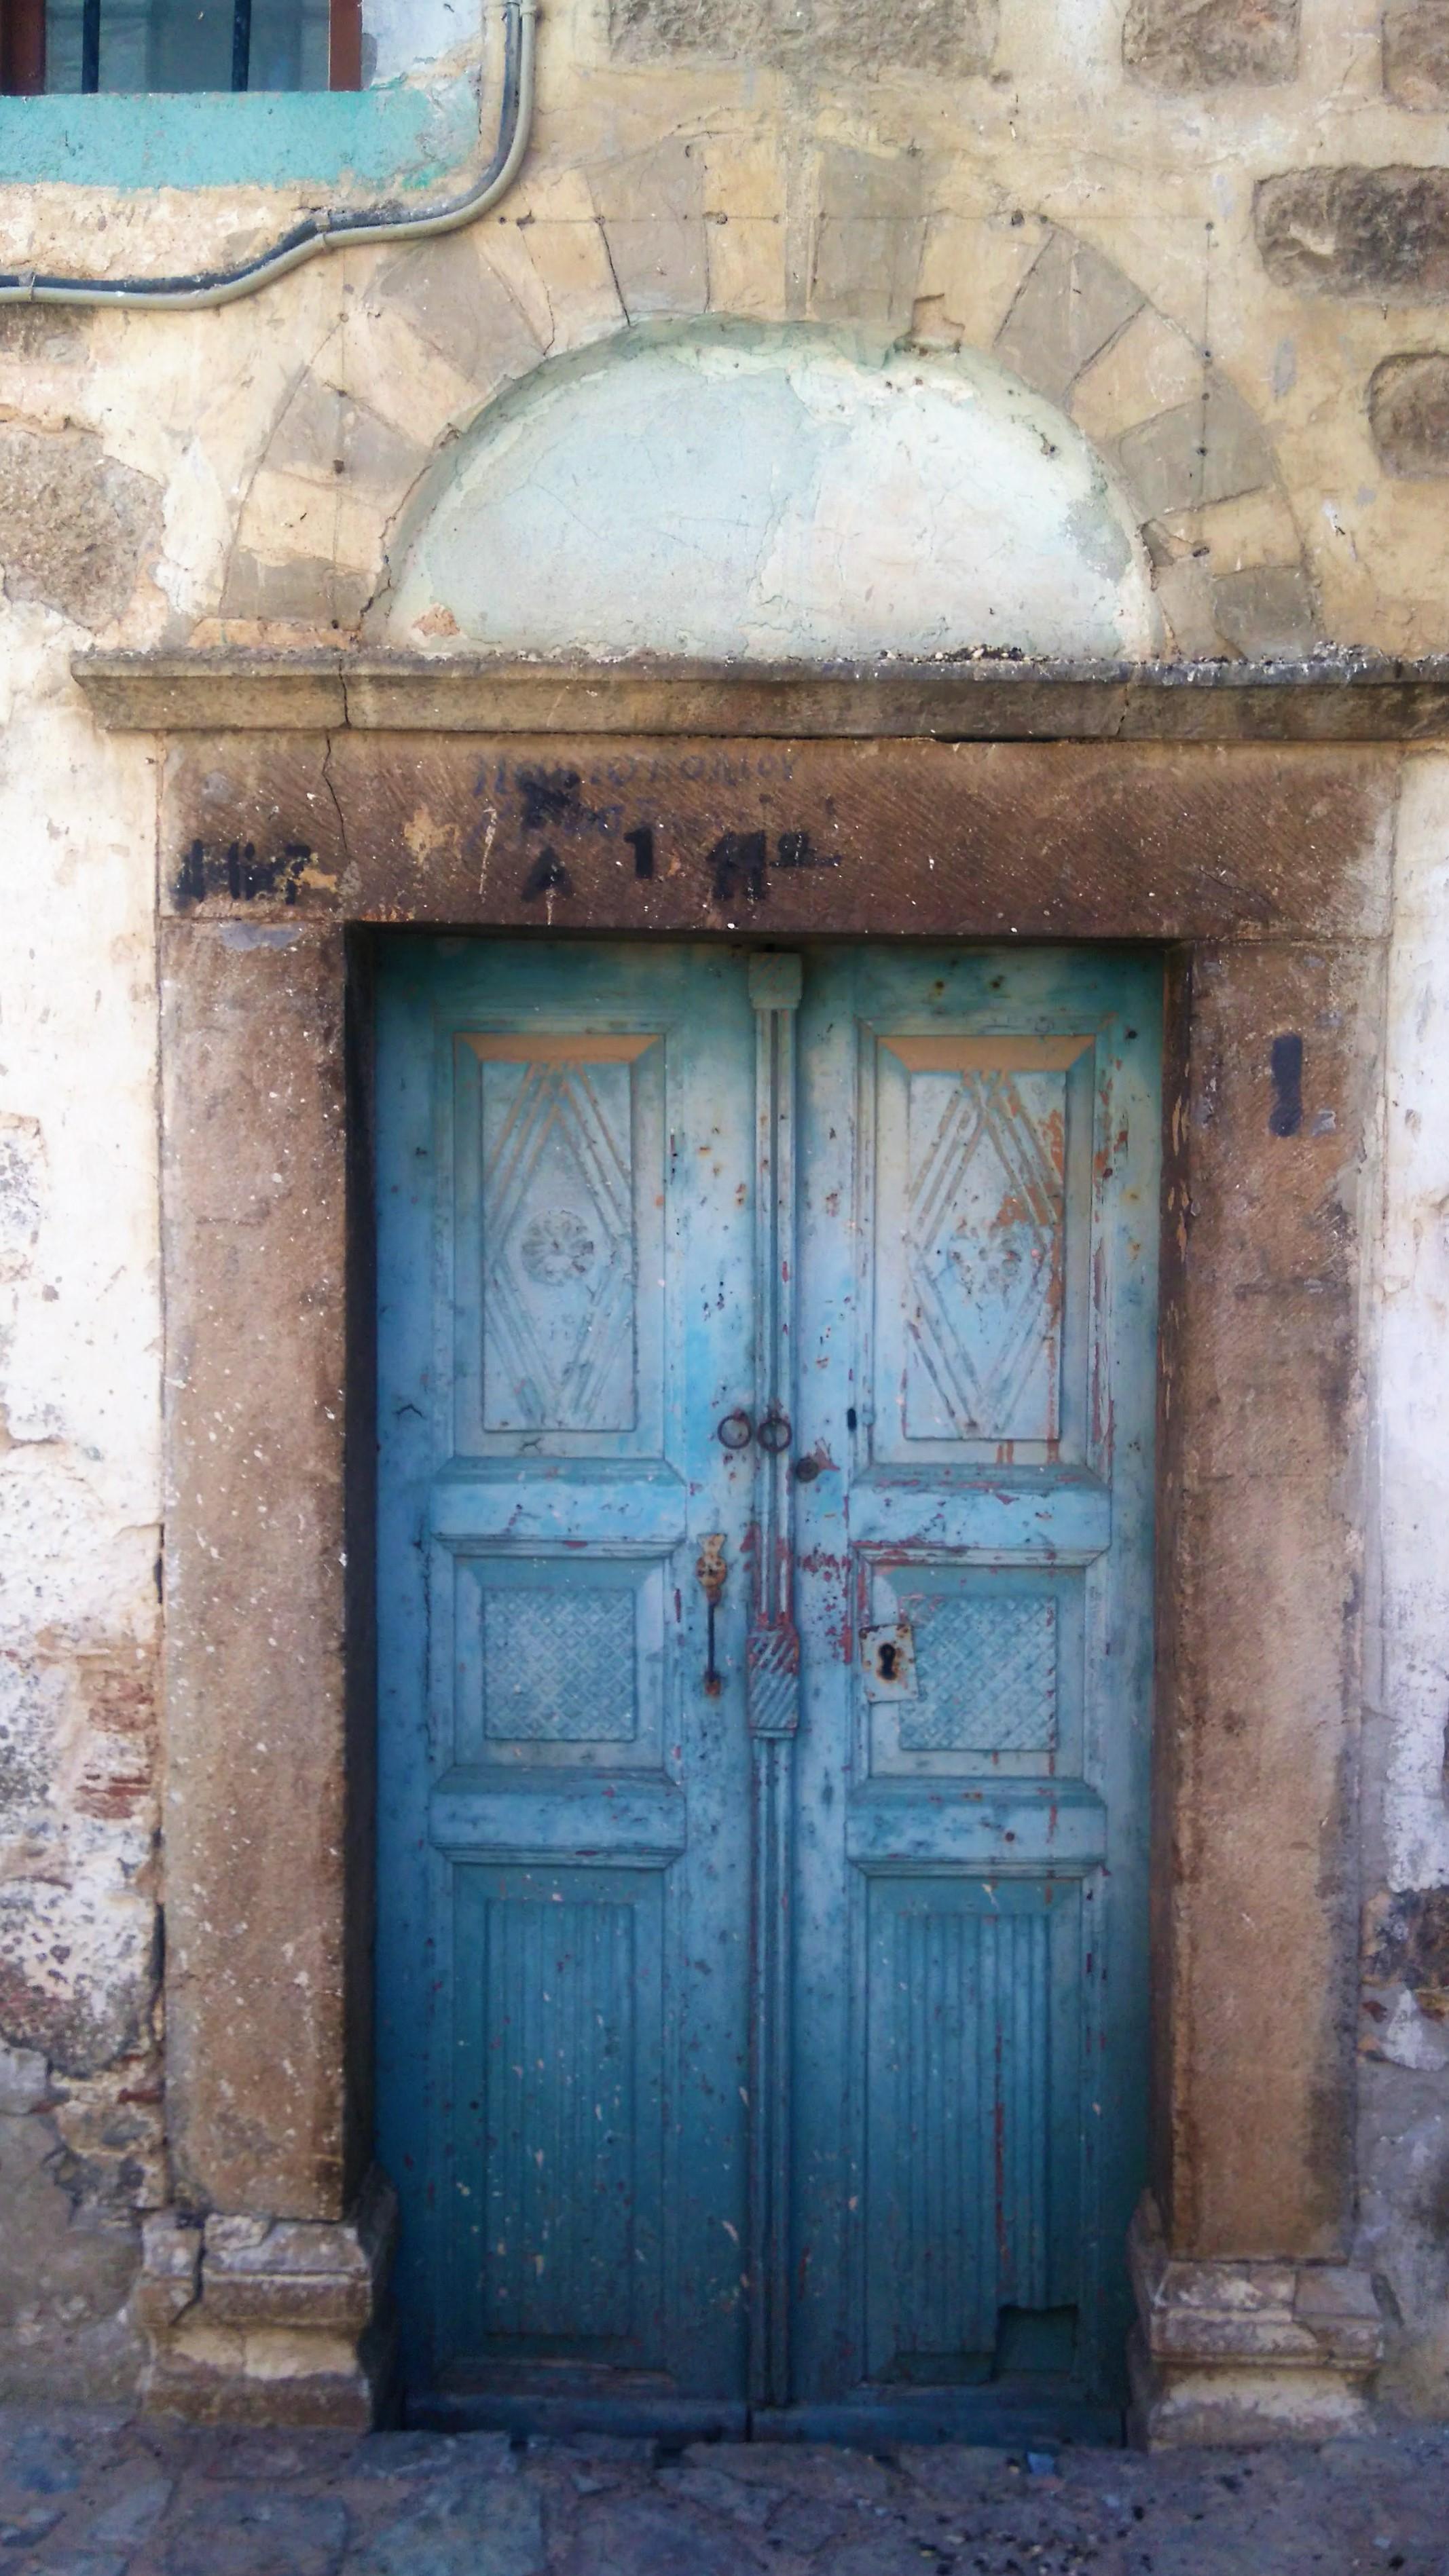 Doorway_0105 - Copy